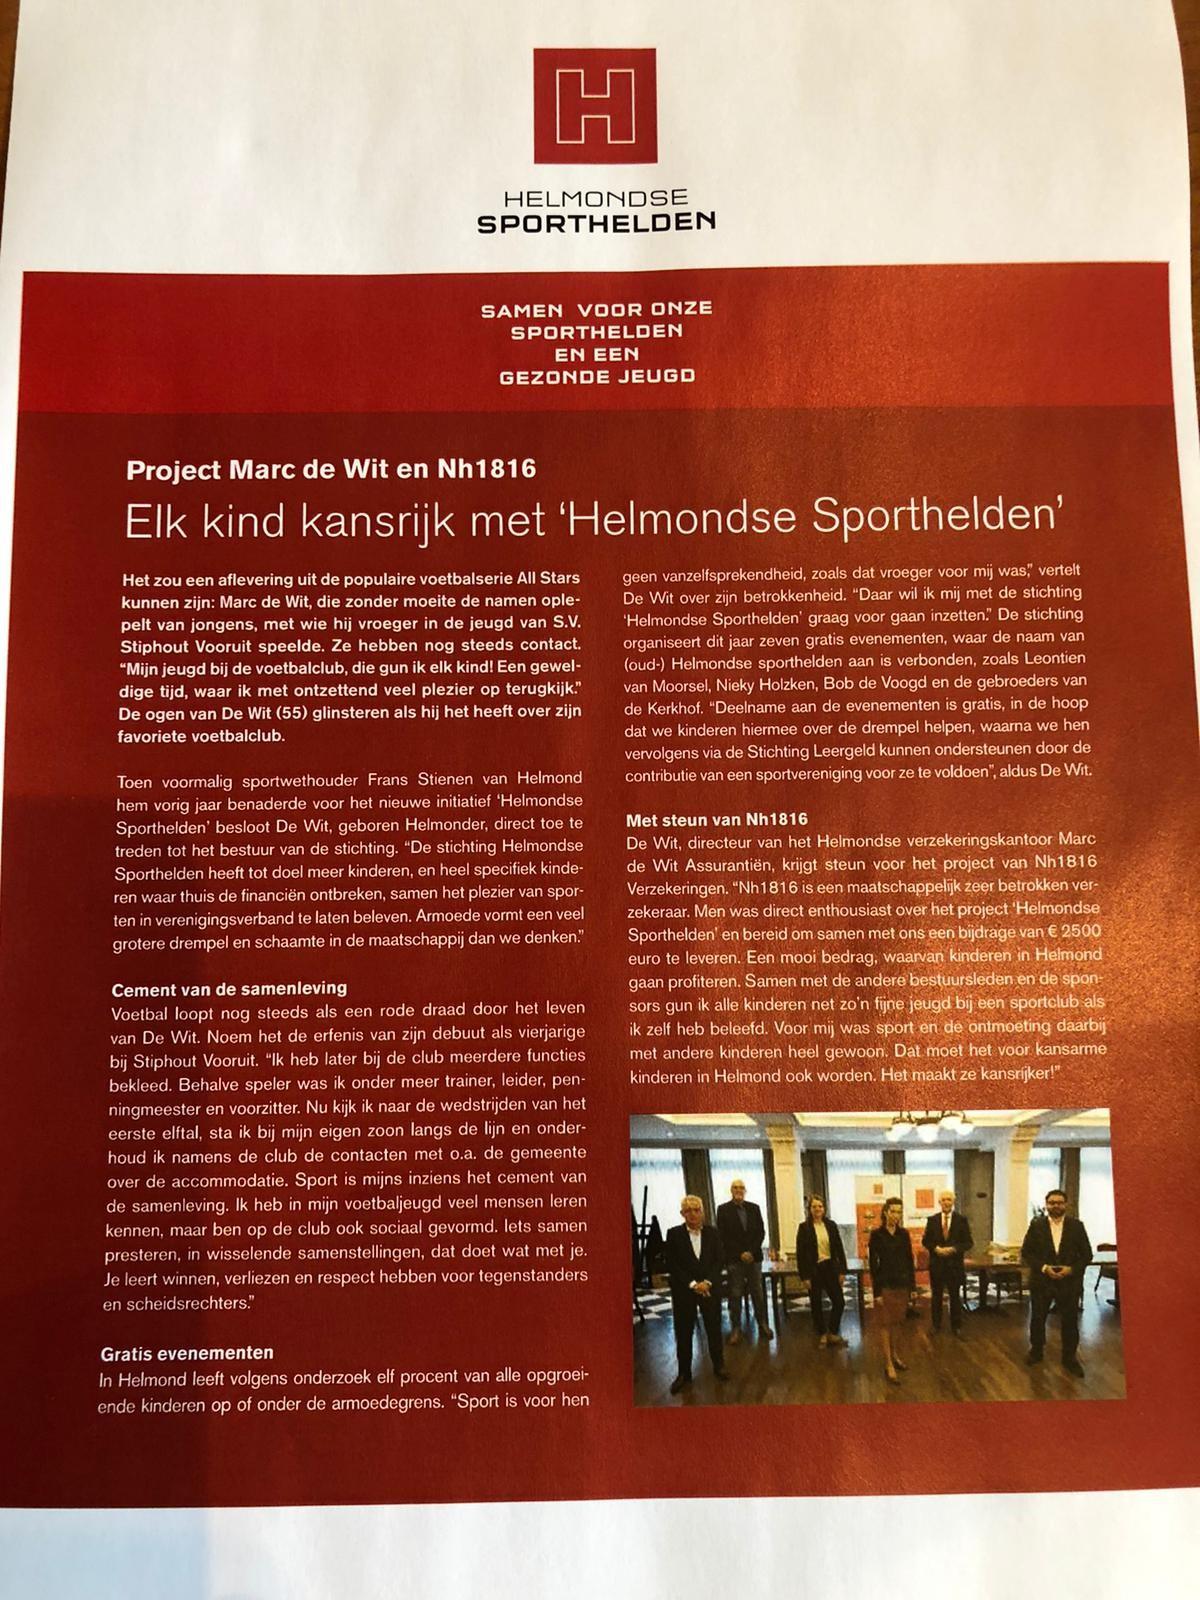 Helmondse Sporthelden in magazine NH1816 verzekeringen